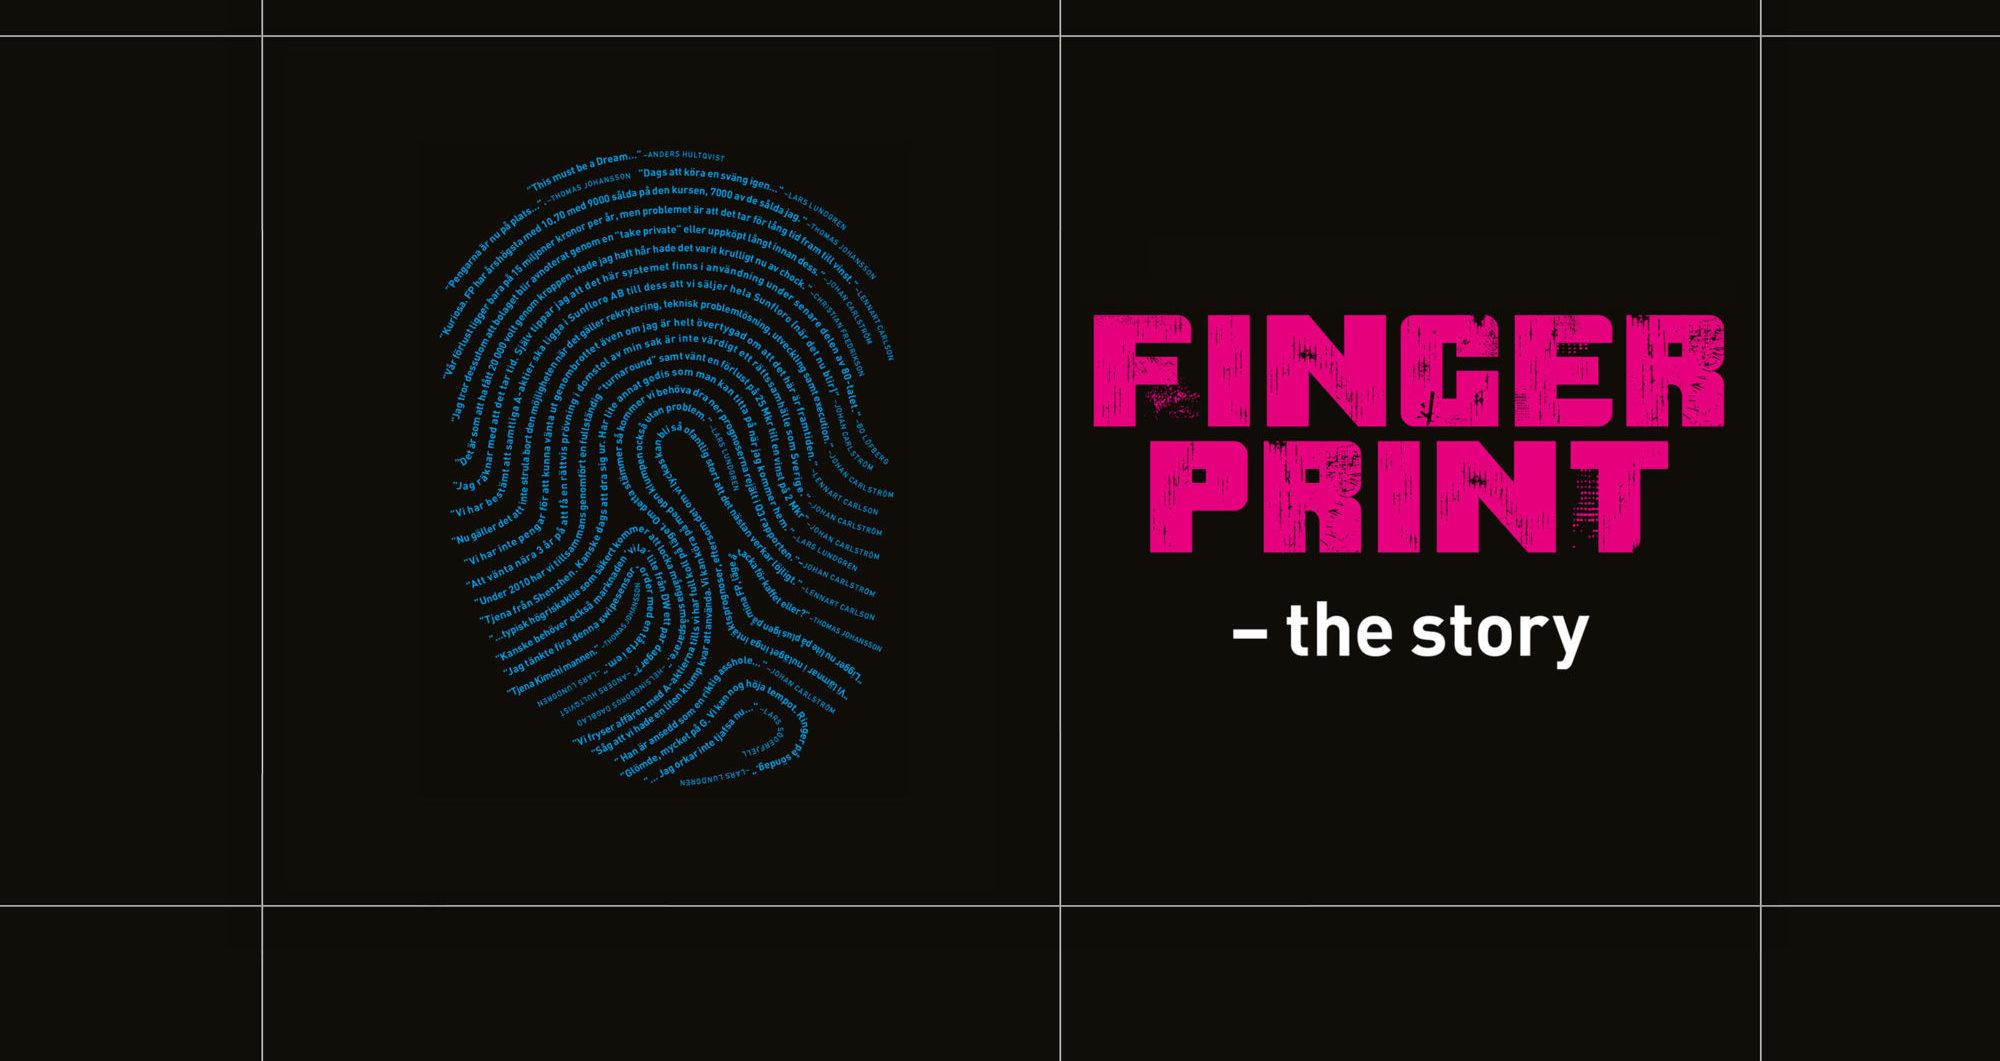 www.fingerprintboken.se